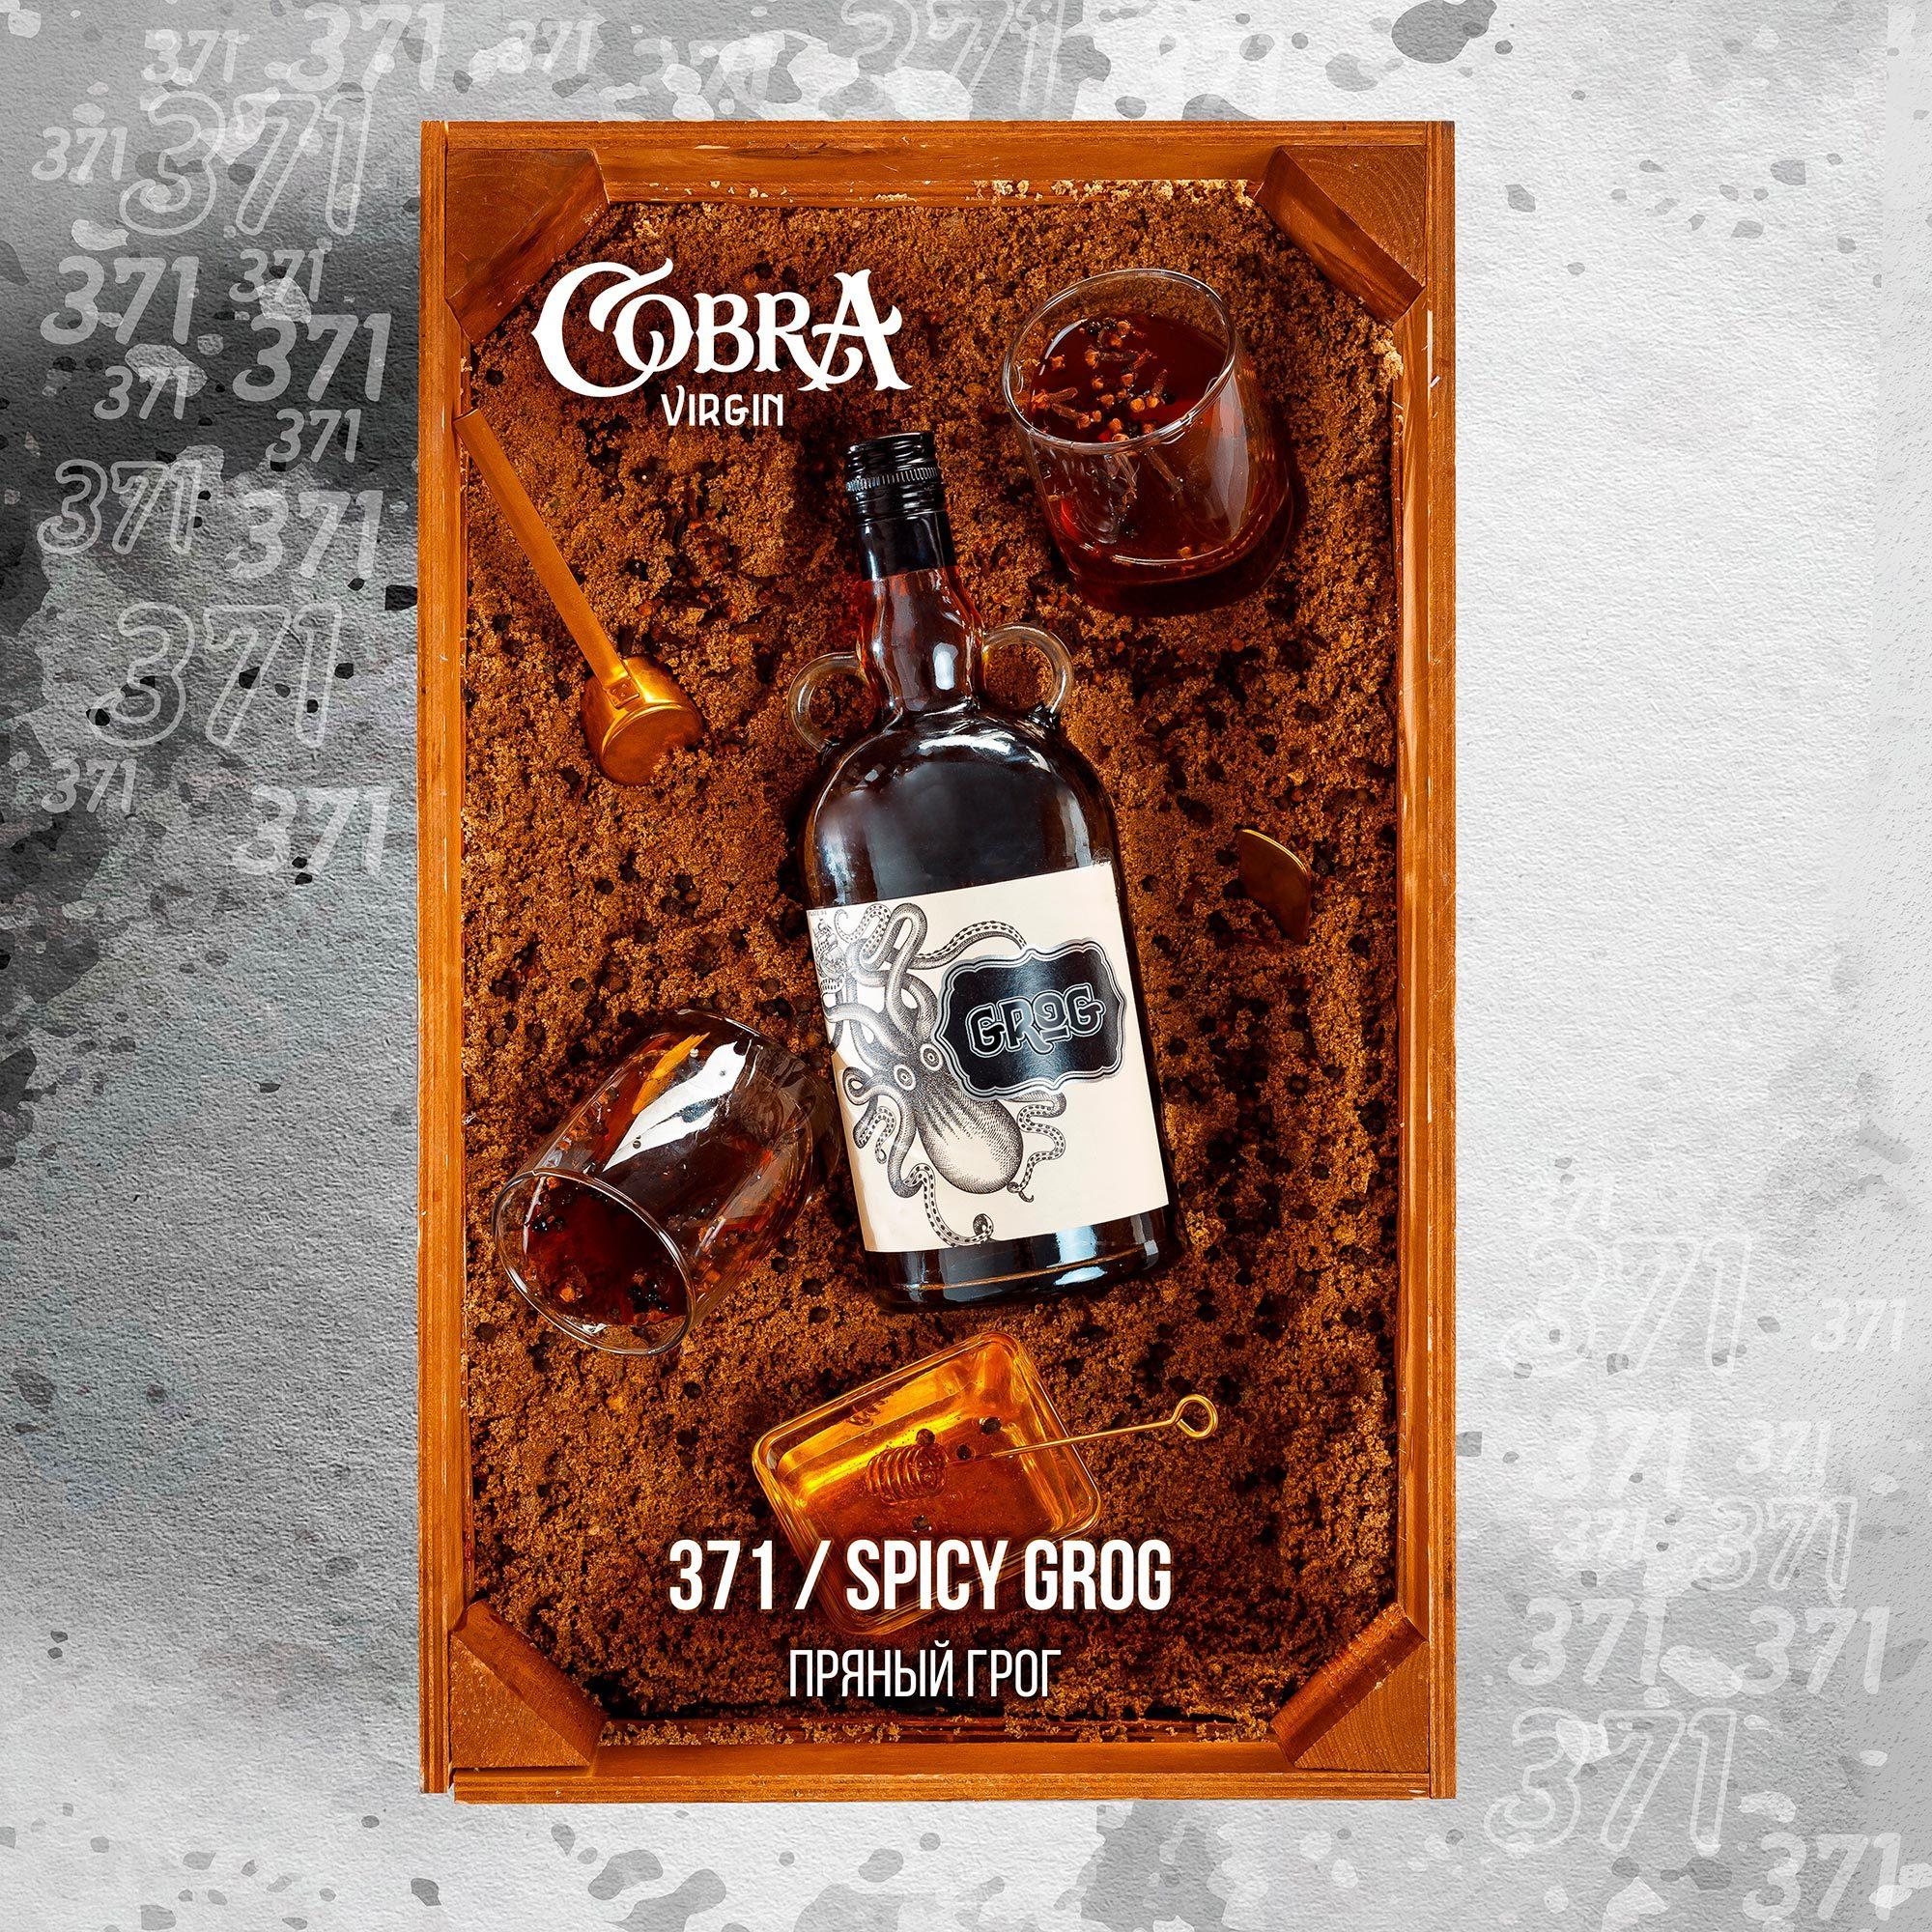 Кальянная смесь Cobra Virgin 50 гр Spicy Grog